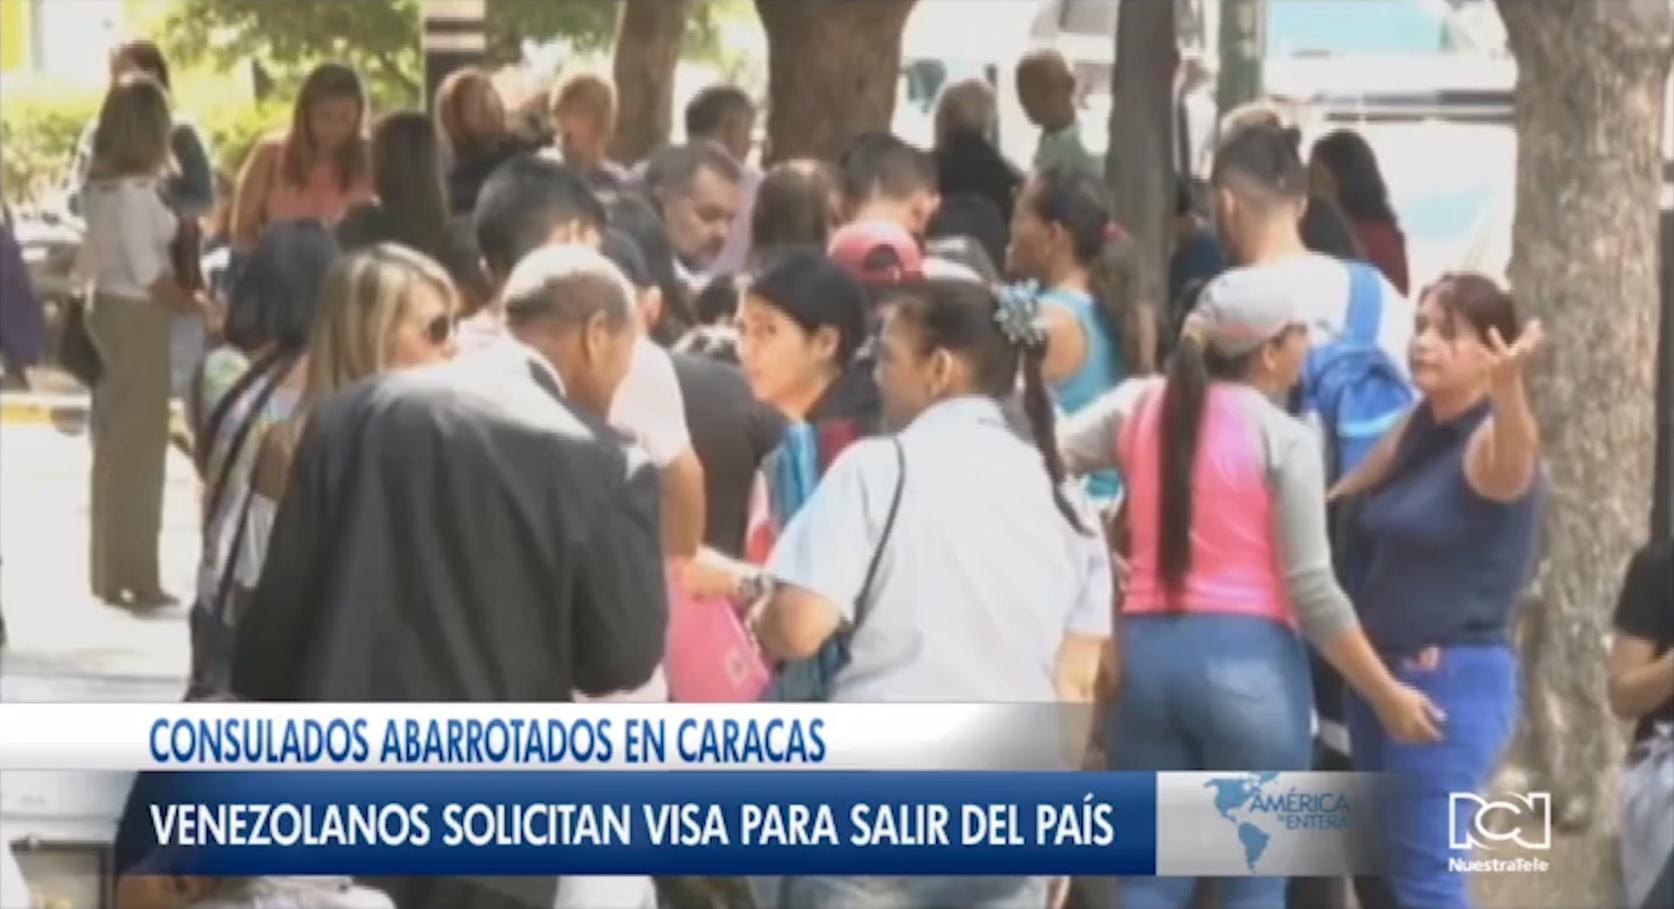 Venezolanos hacen campamentos para buscar visas